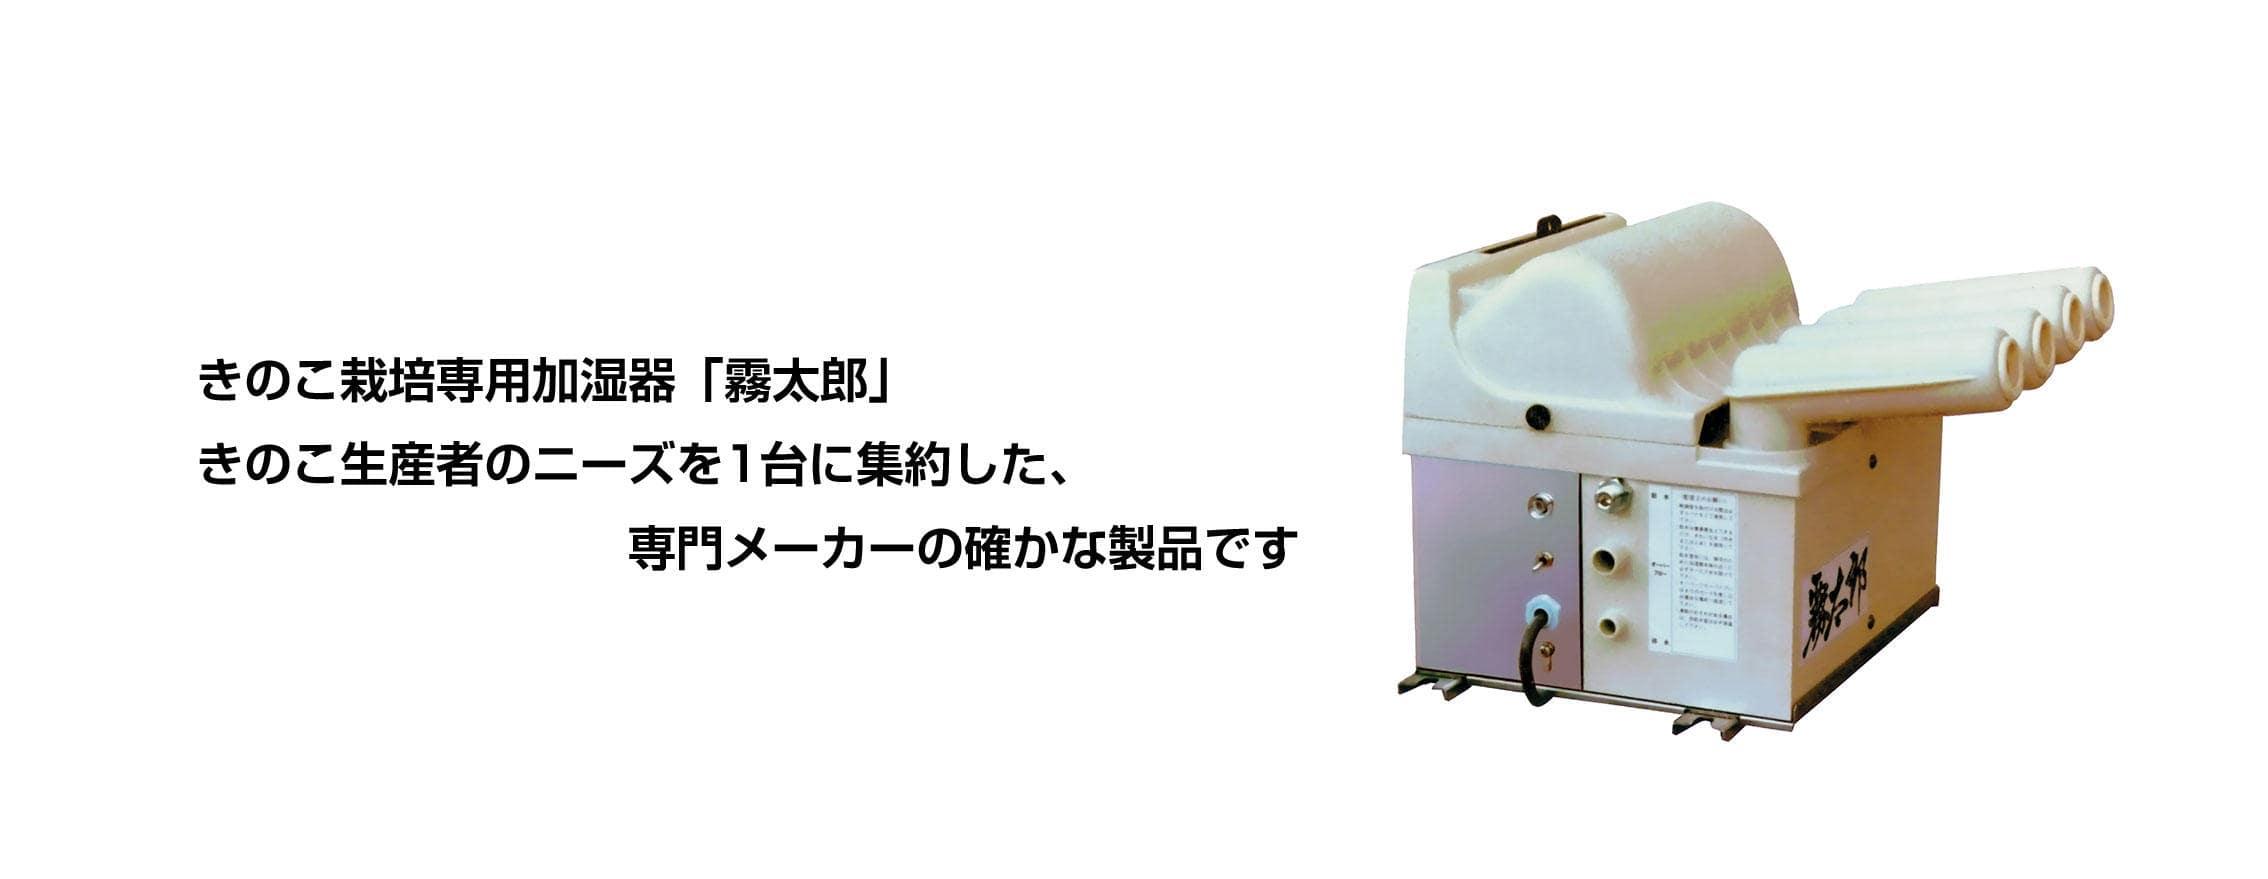 超音波式加湿器KNB